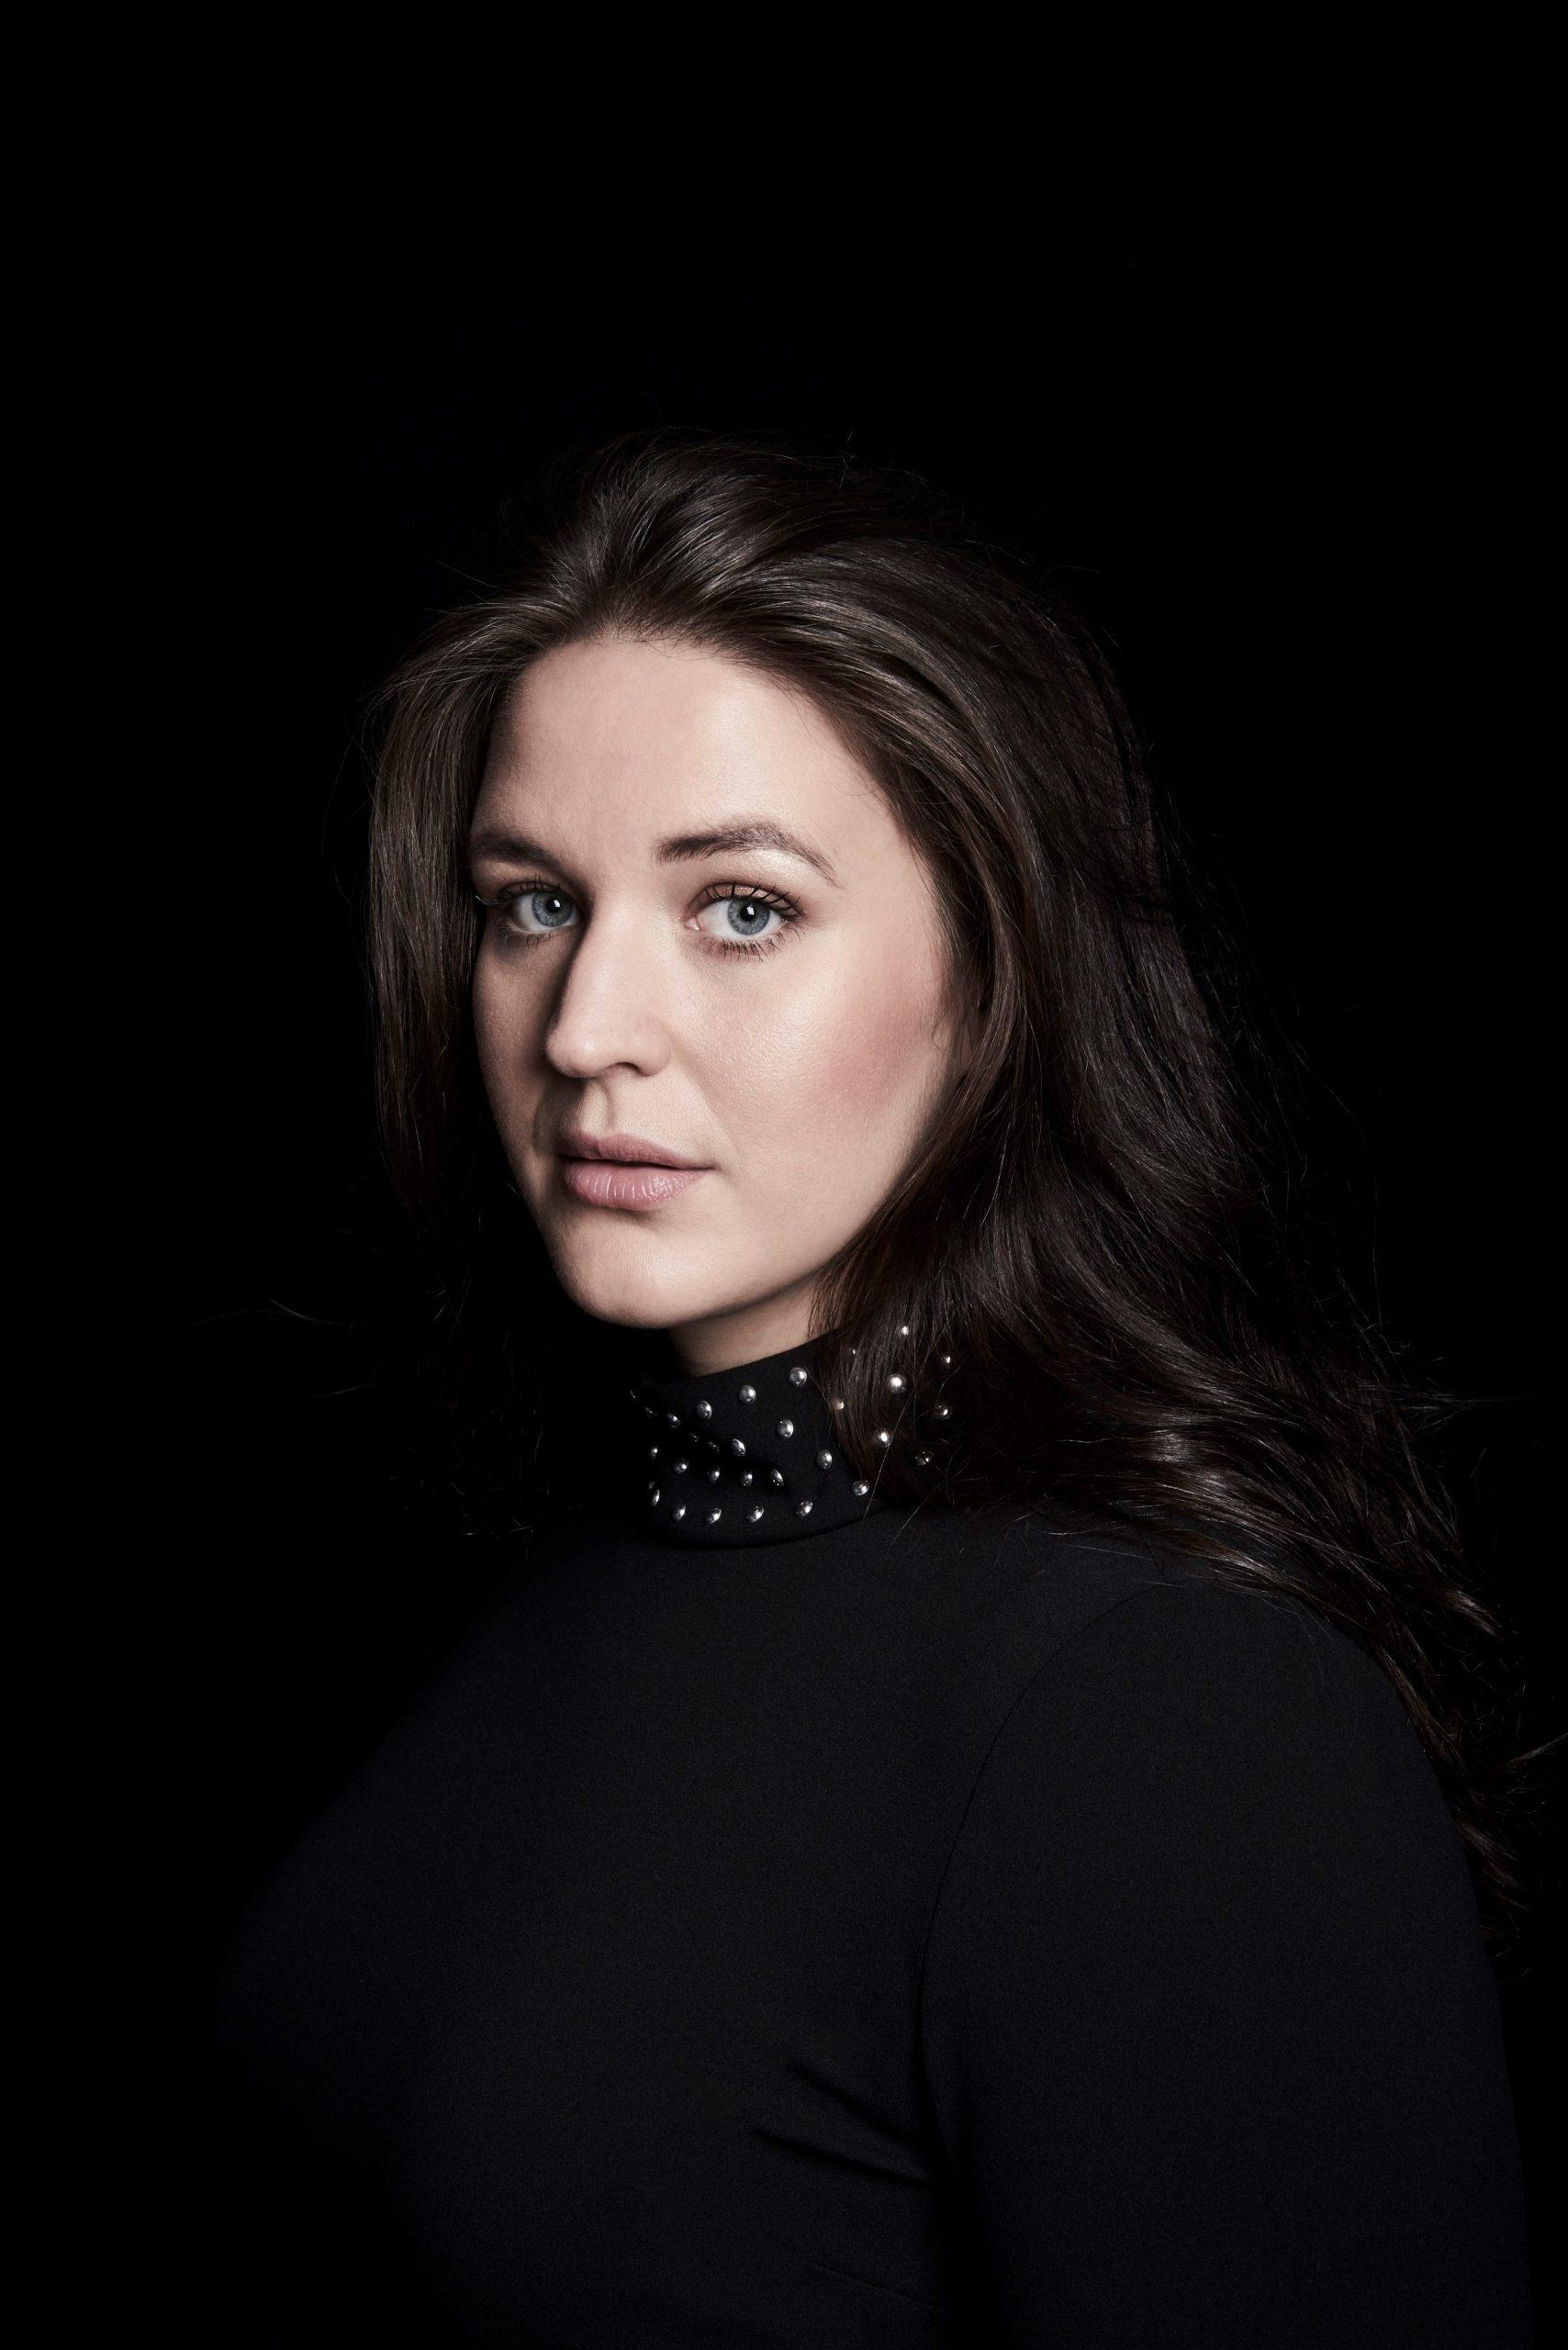 Lise Davidsen returns to Bayreuth Festival for Die Walküre and Tannhäuser